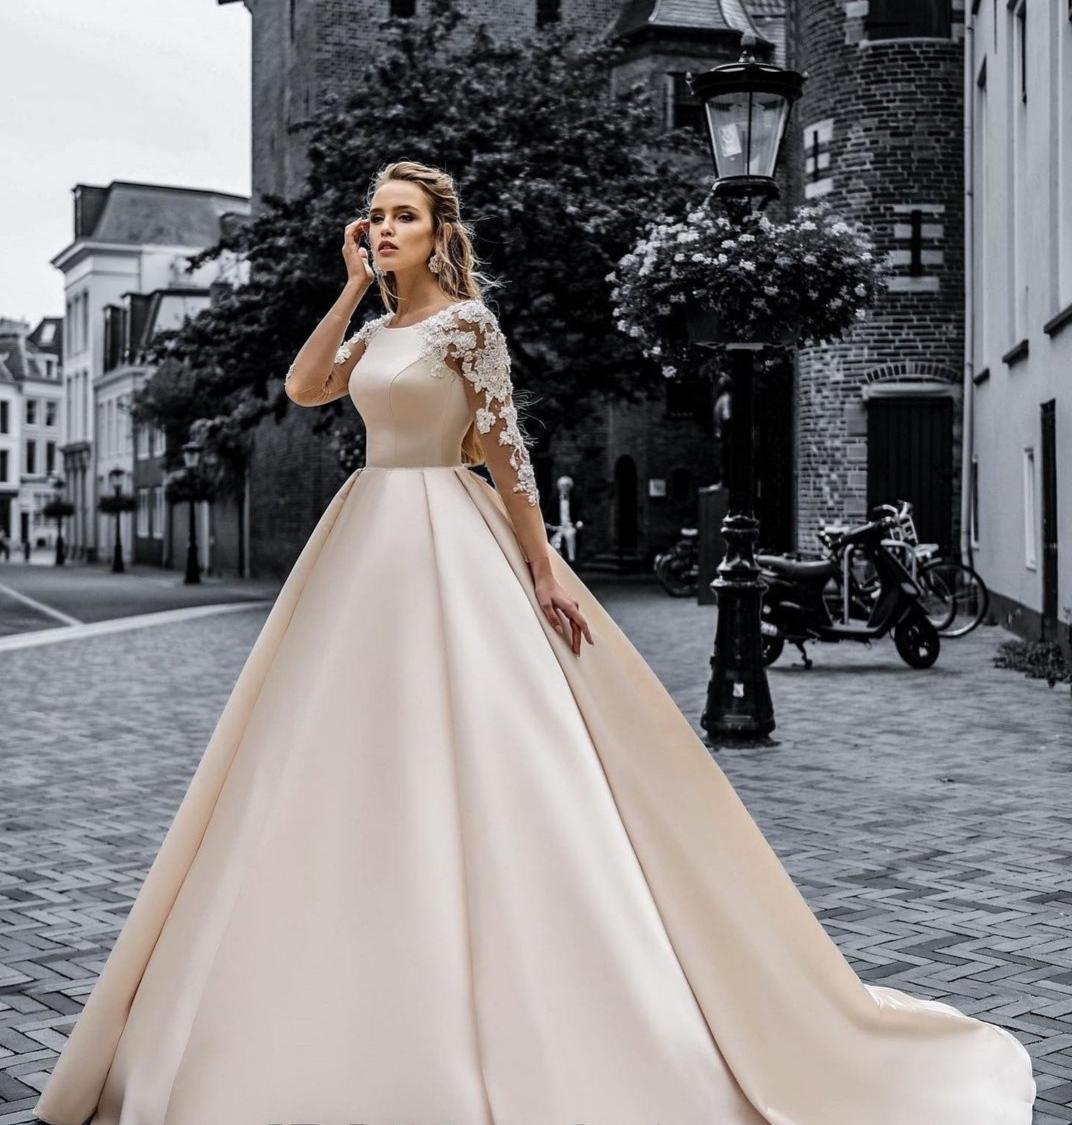 svadobné šaty, kruh, závoj - veľkosť 38 - Obrázok č. 1